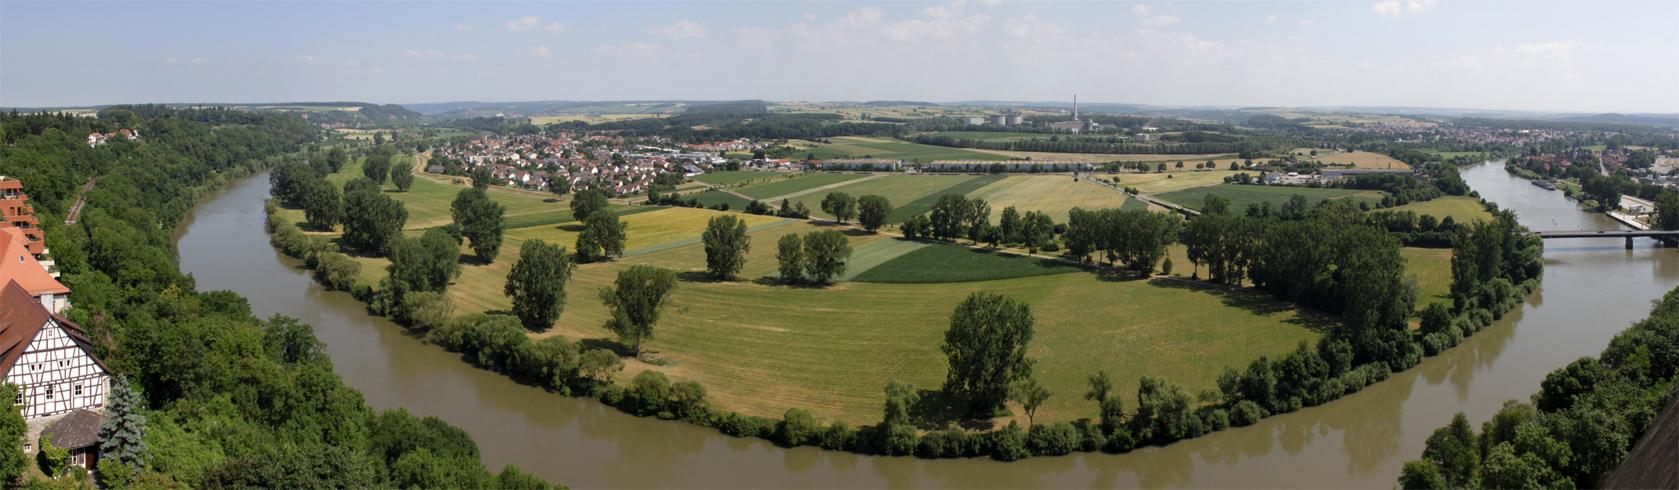 Neckarblick (vom Blauen Turm aus)